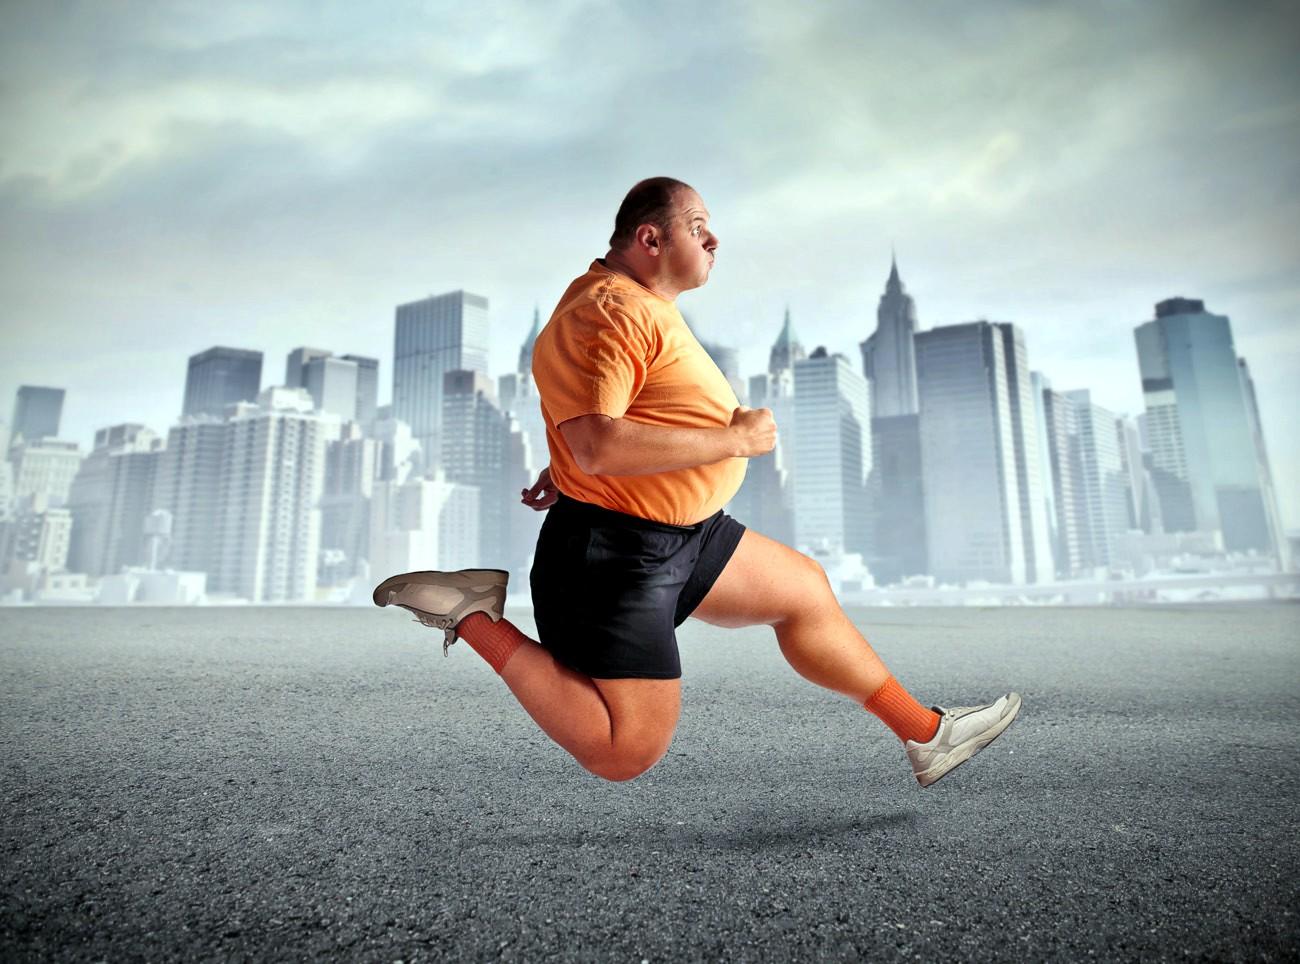 Смешные картинки бегущий мужик